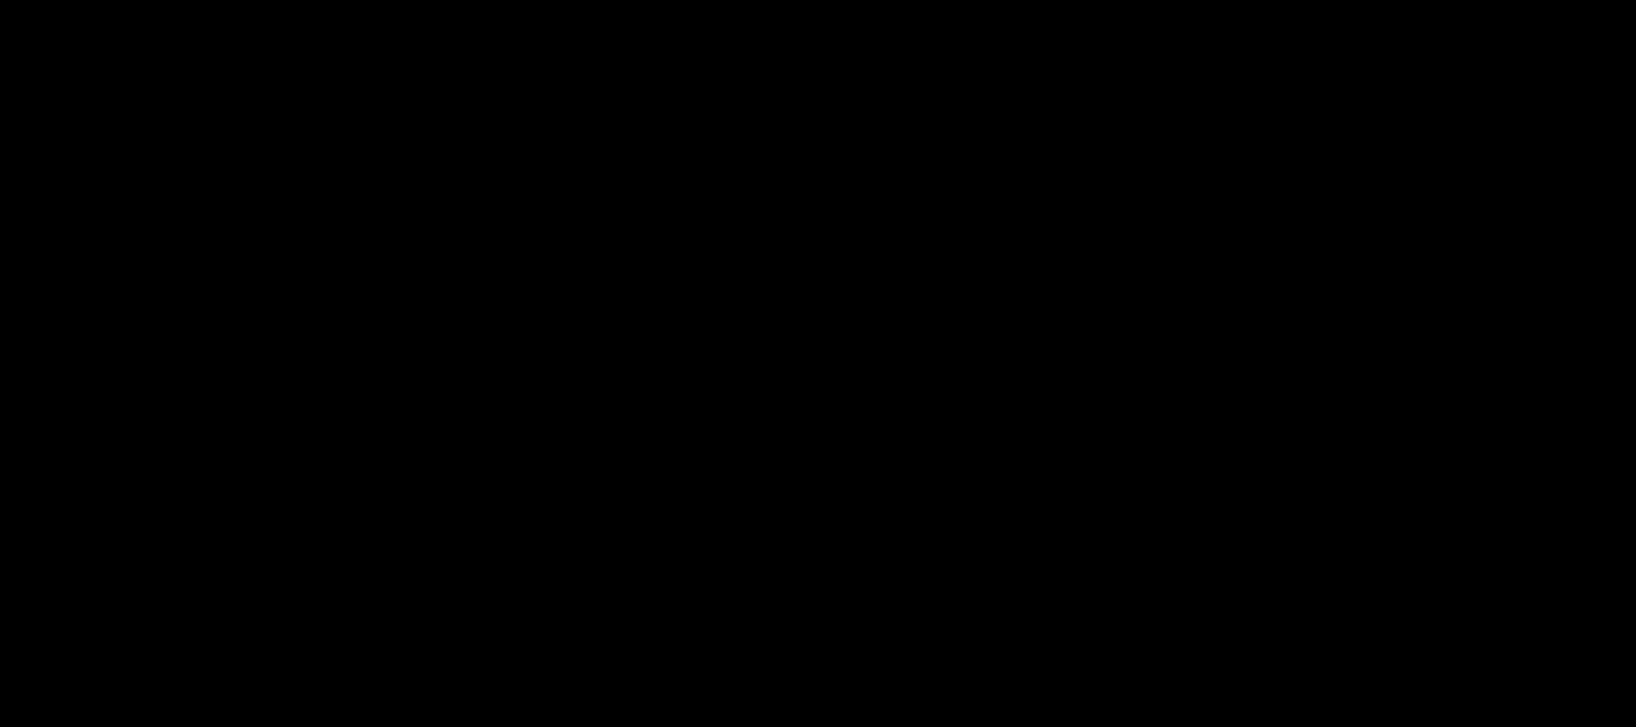 株式会社Realiserのロゴ写真